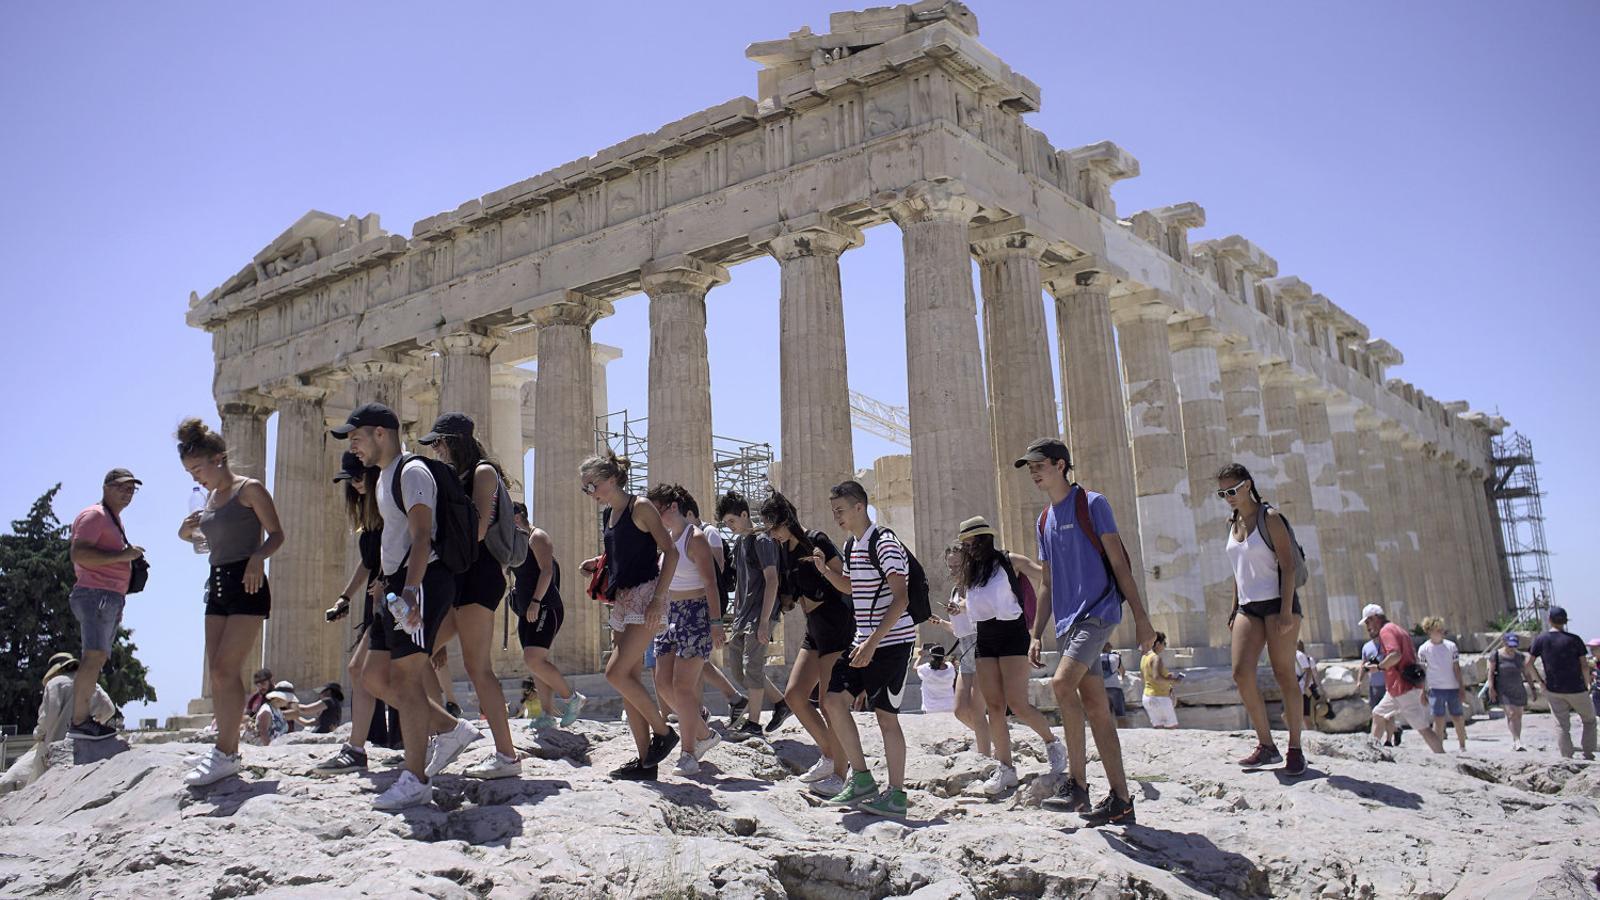 Turistes visitant l'Acròpolis d'Atenes la setmana passada. Els ingressos per turisme són un dels pocs indicadors positius.